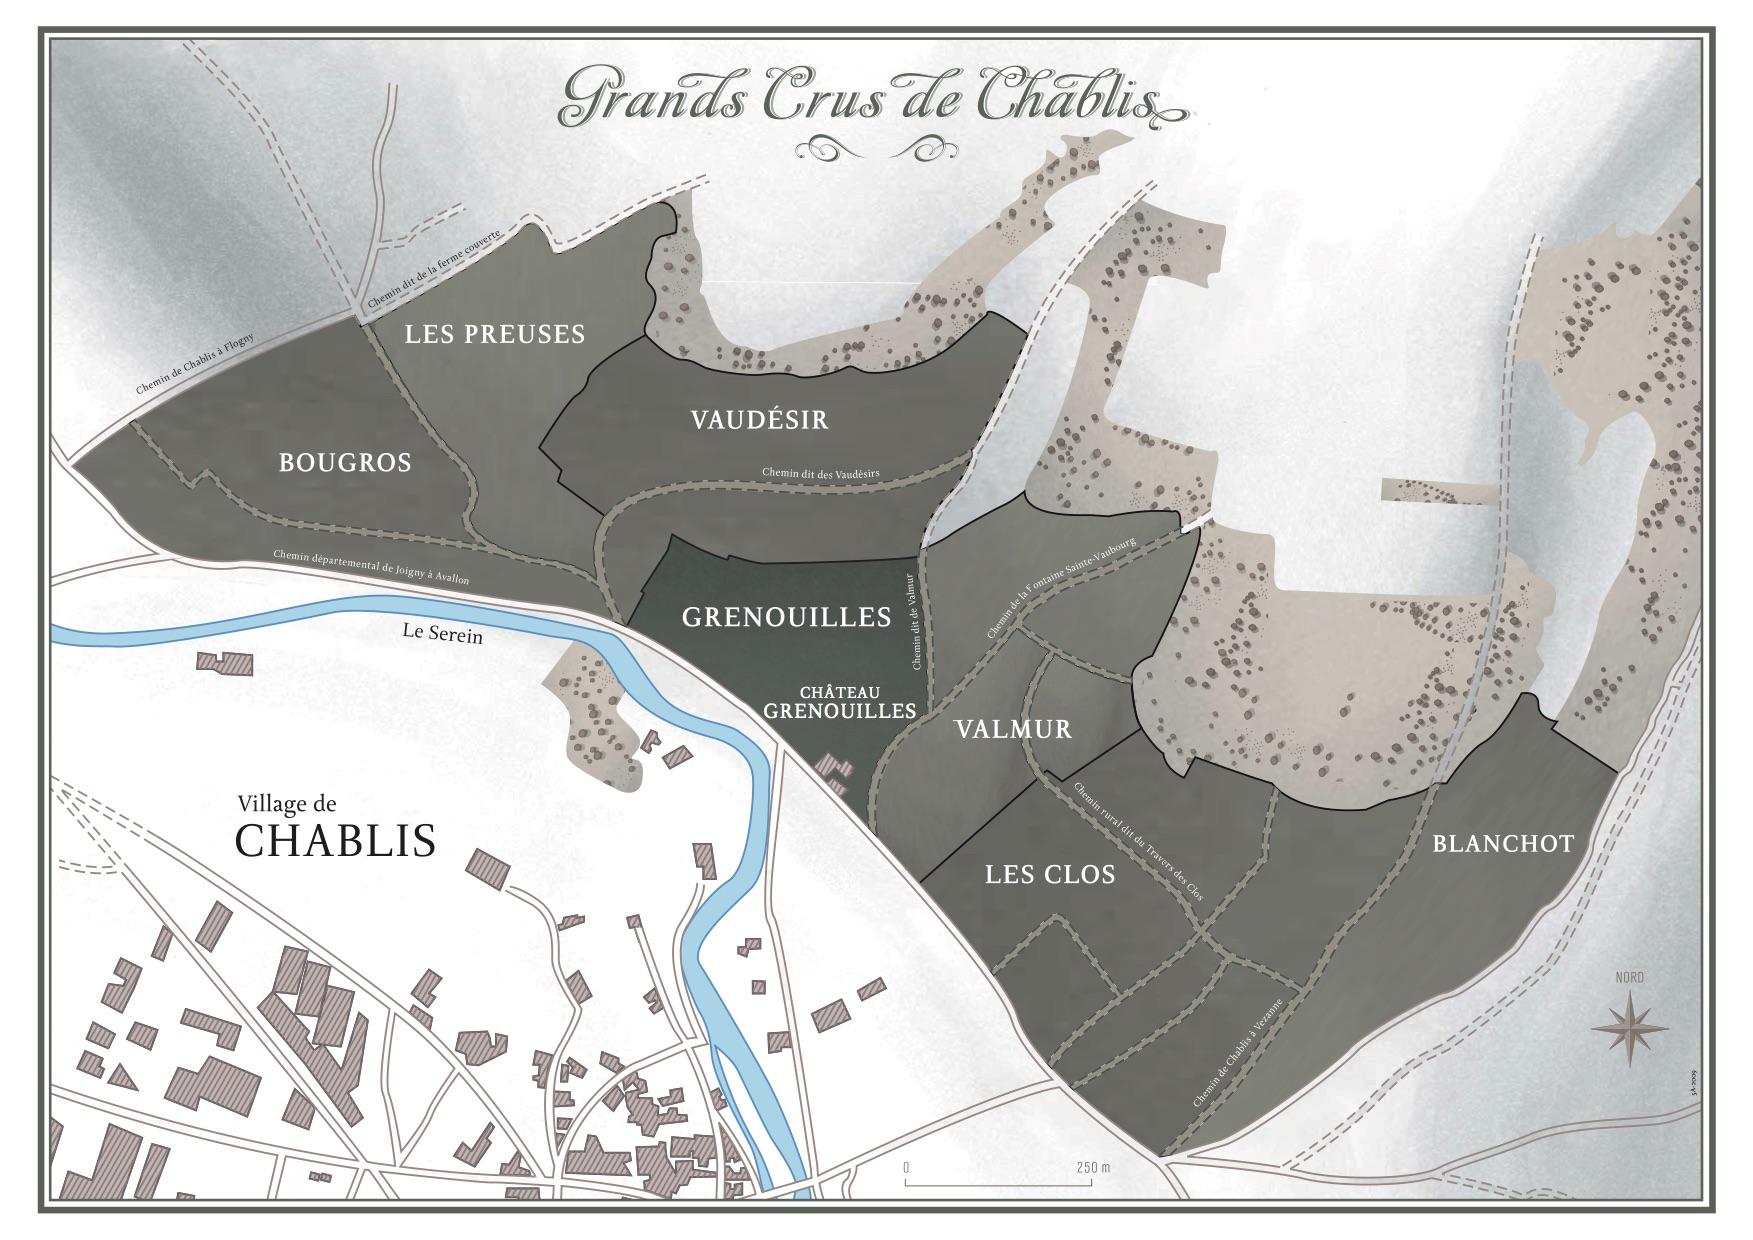 Grands Crus Chablis